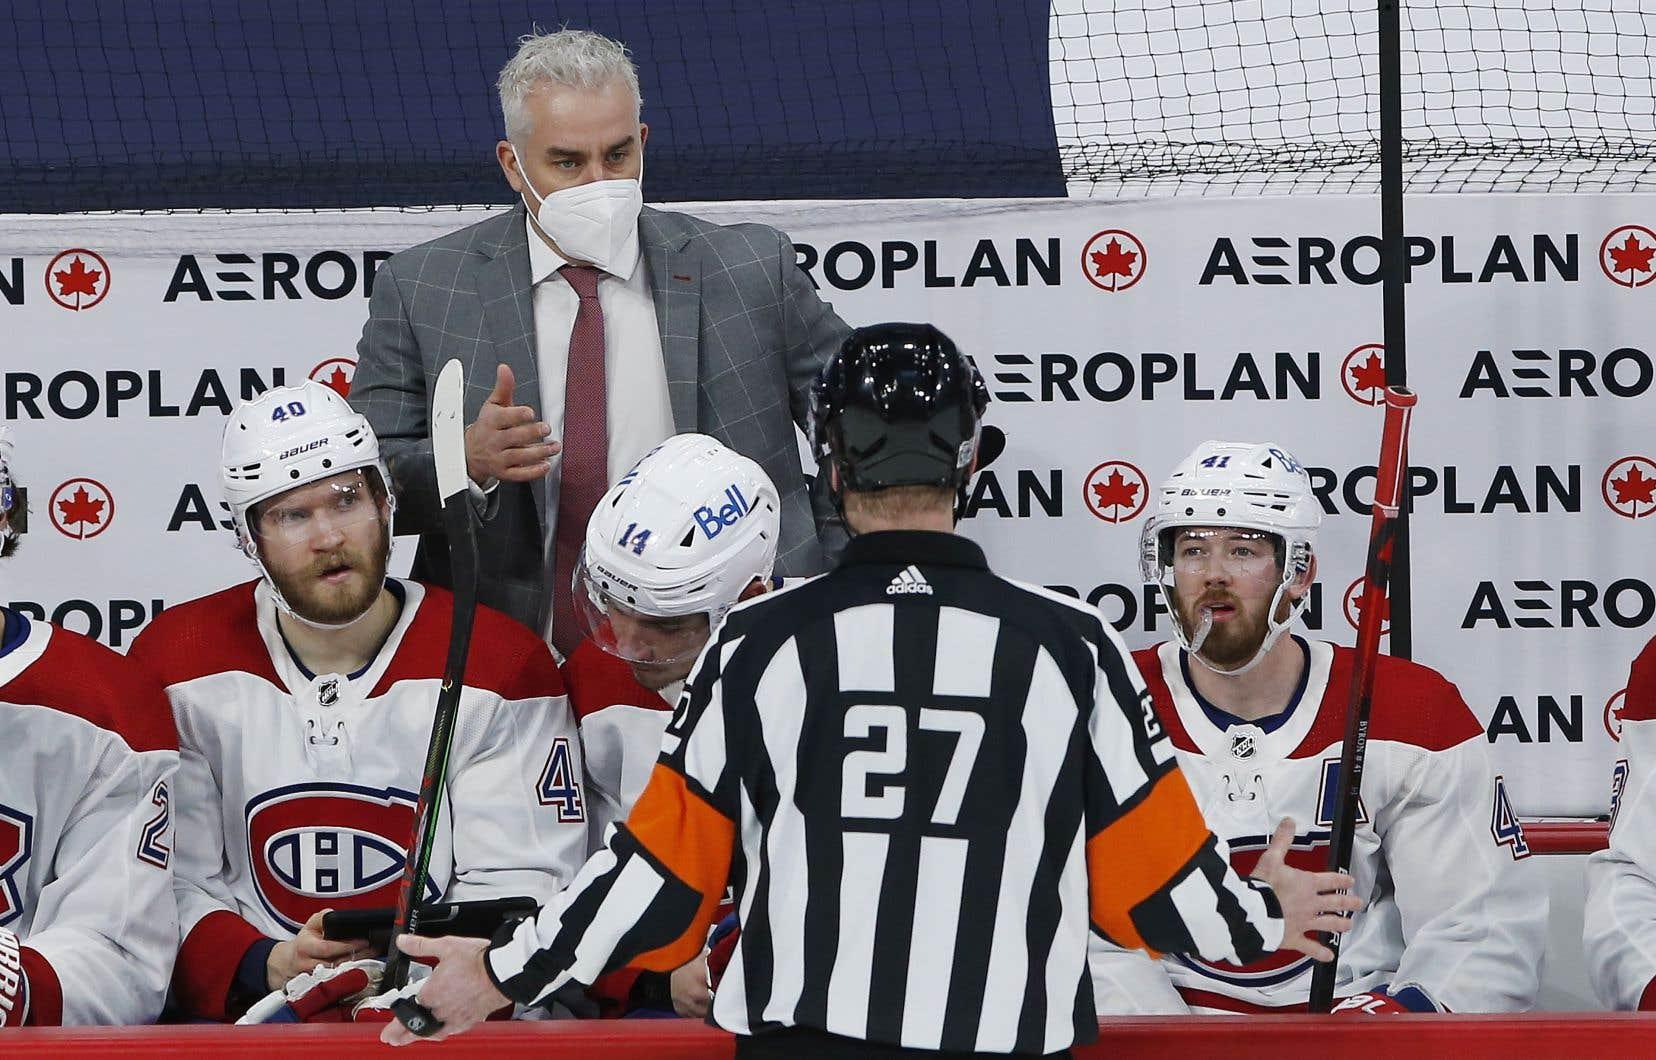 La condition physique du Canadien sera mise à rude épreuve au cours des prochaines semaines. Le Tricolore disputera ses 24 derniers matchs dans un intervalle de 41 jours.